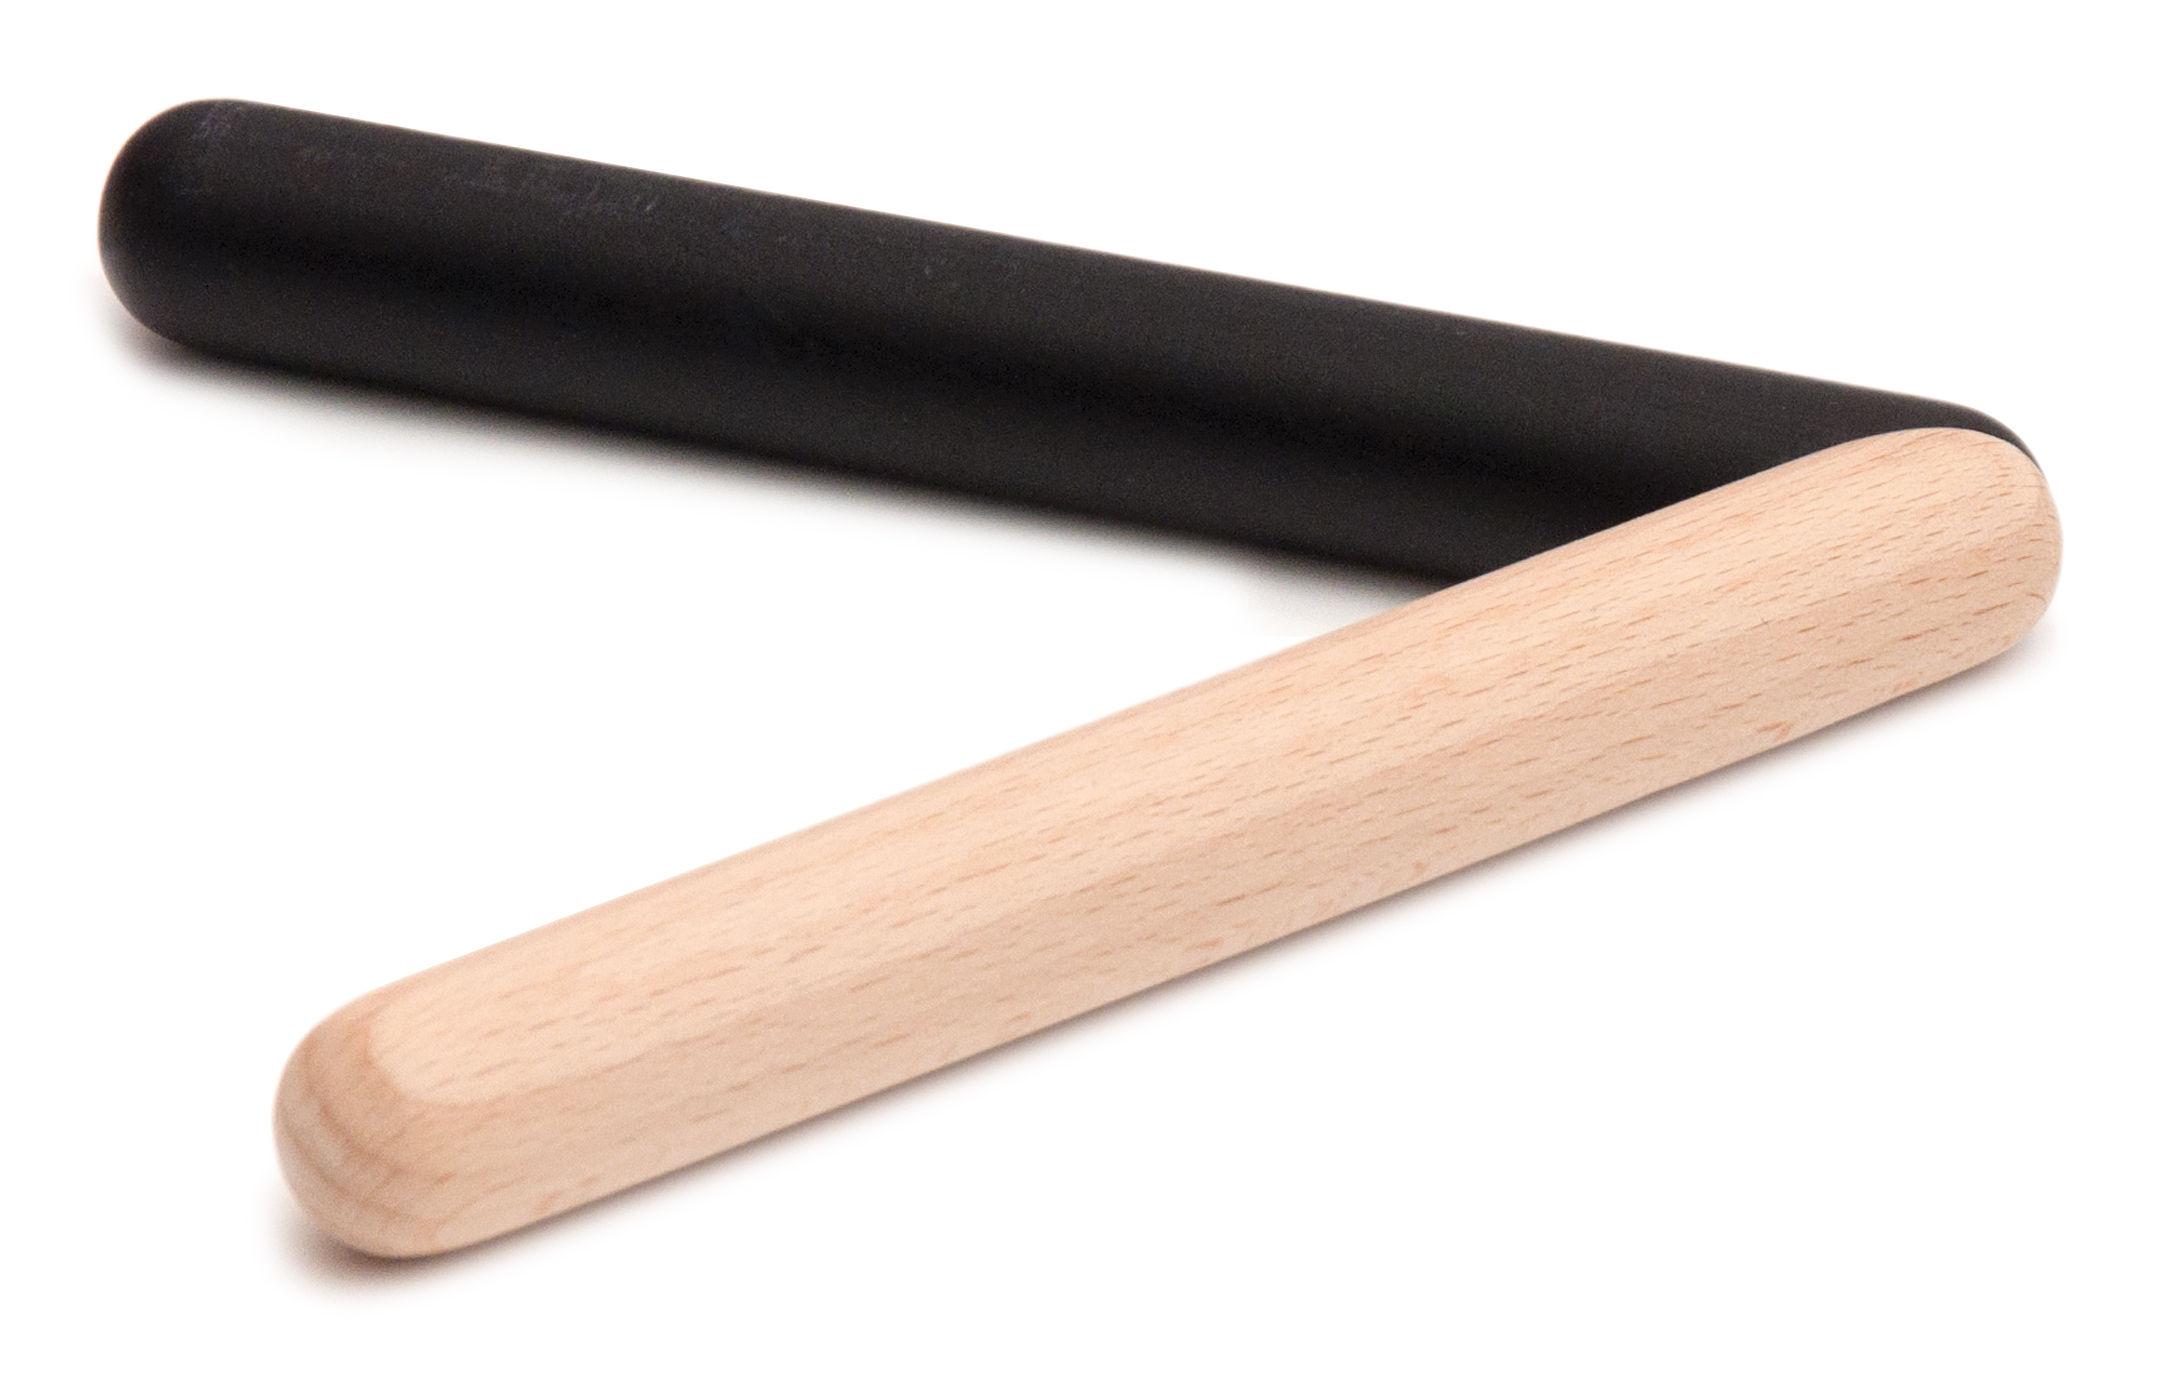 Arts de la table - Dessous de plat - Dessous de plat Trivet Stick - Y'a pas le feu au lac - Bois naturel & noir - Hêtre massif